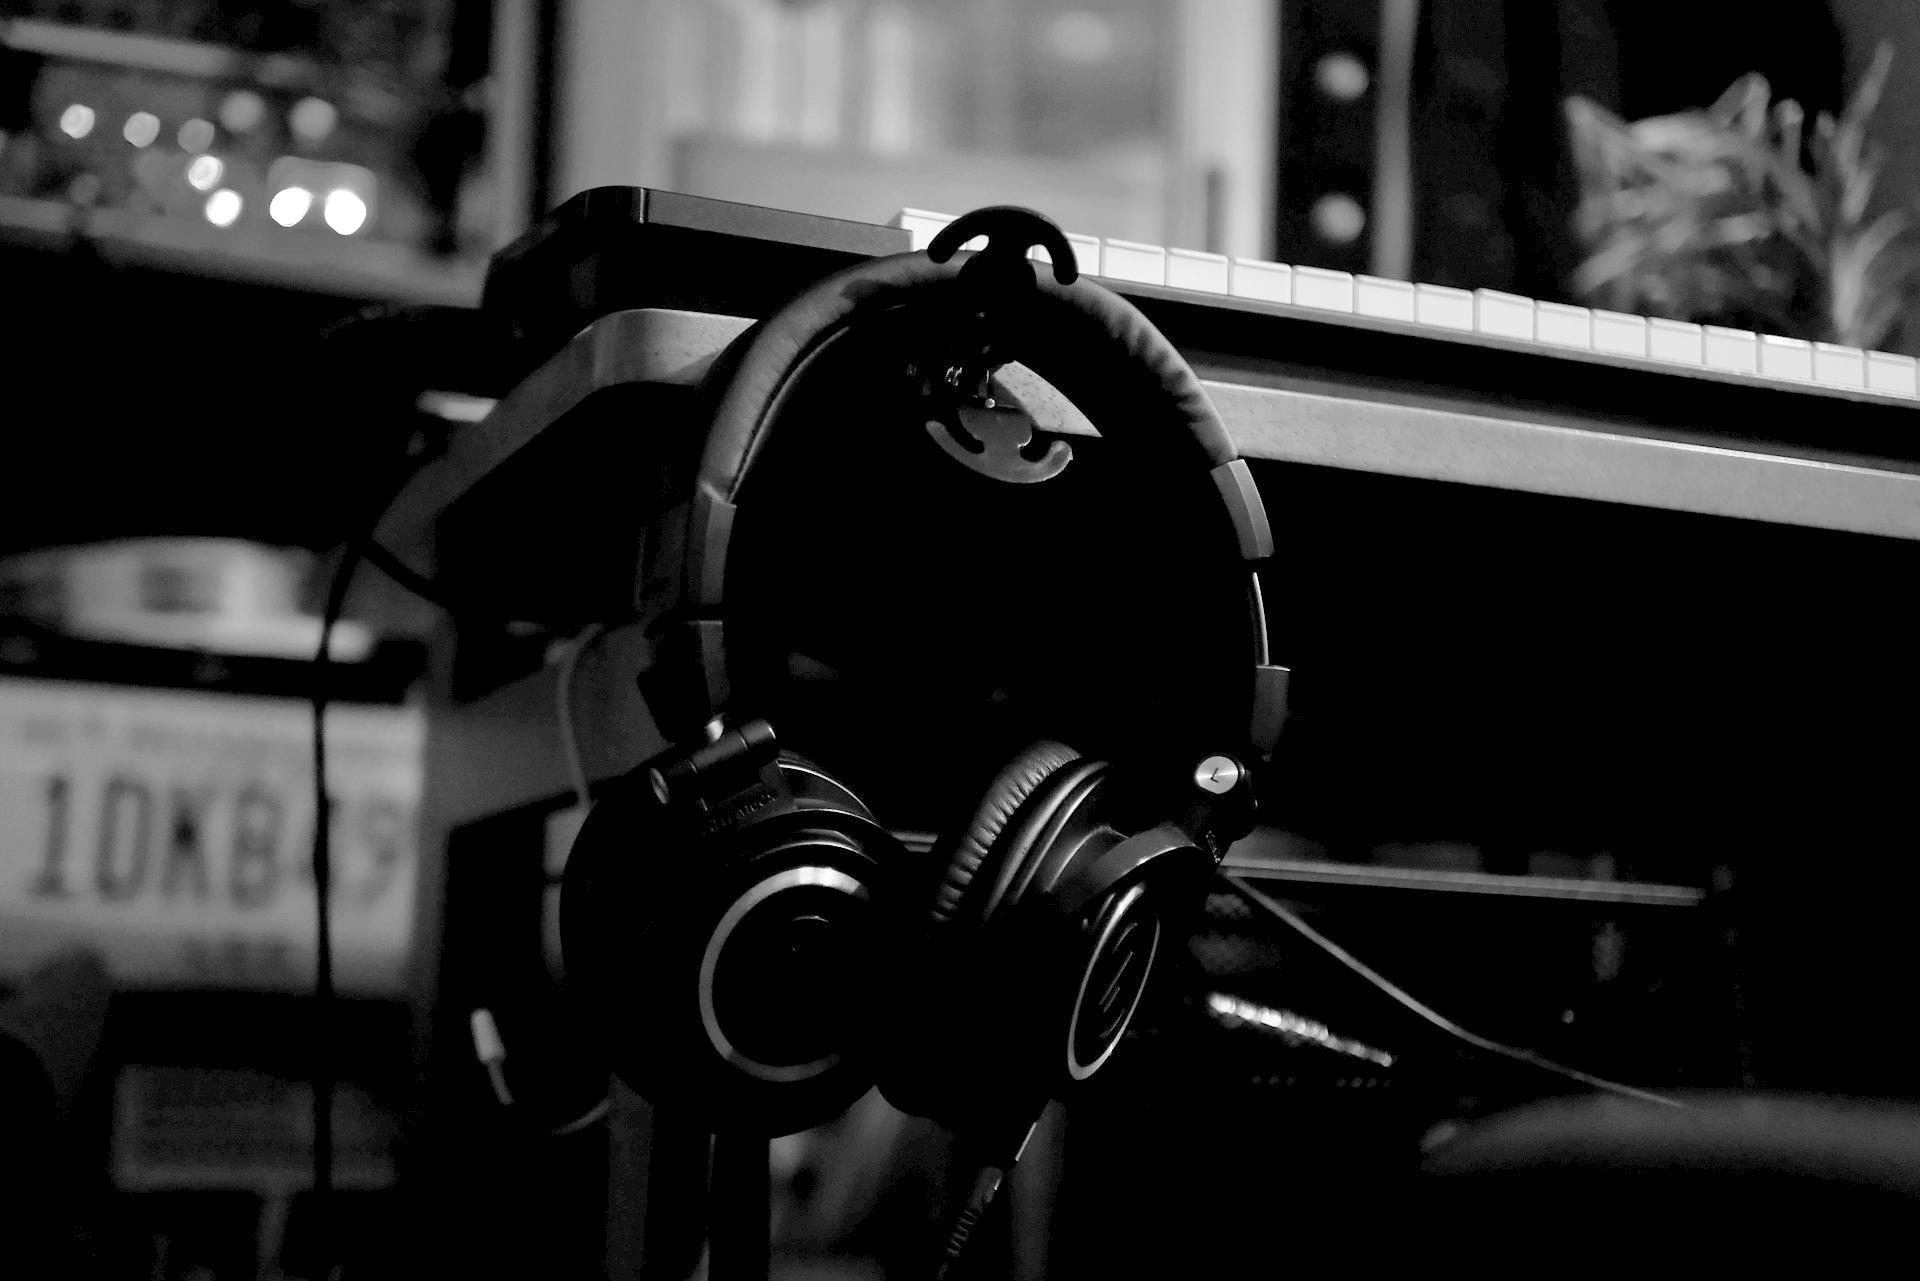 音楽や映像制作でお困りの方へ